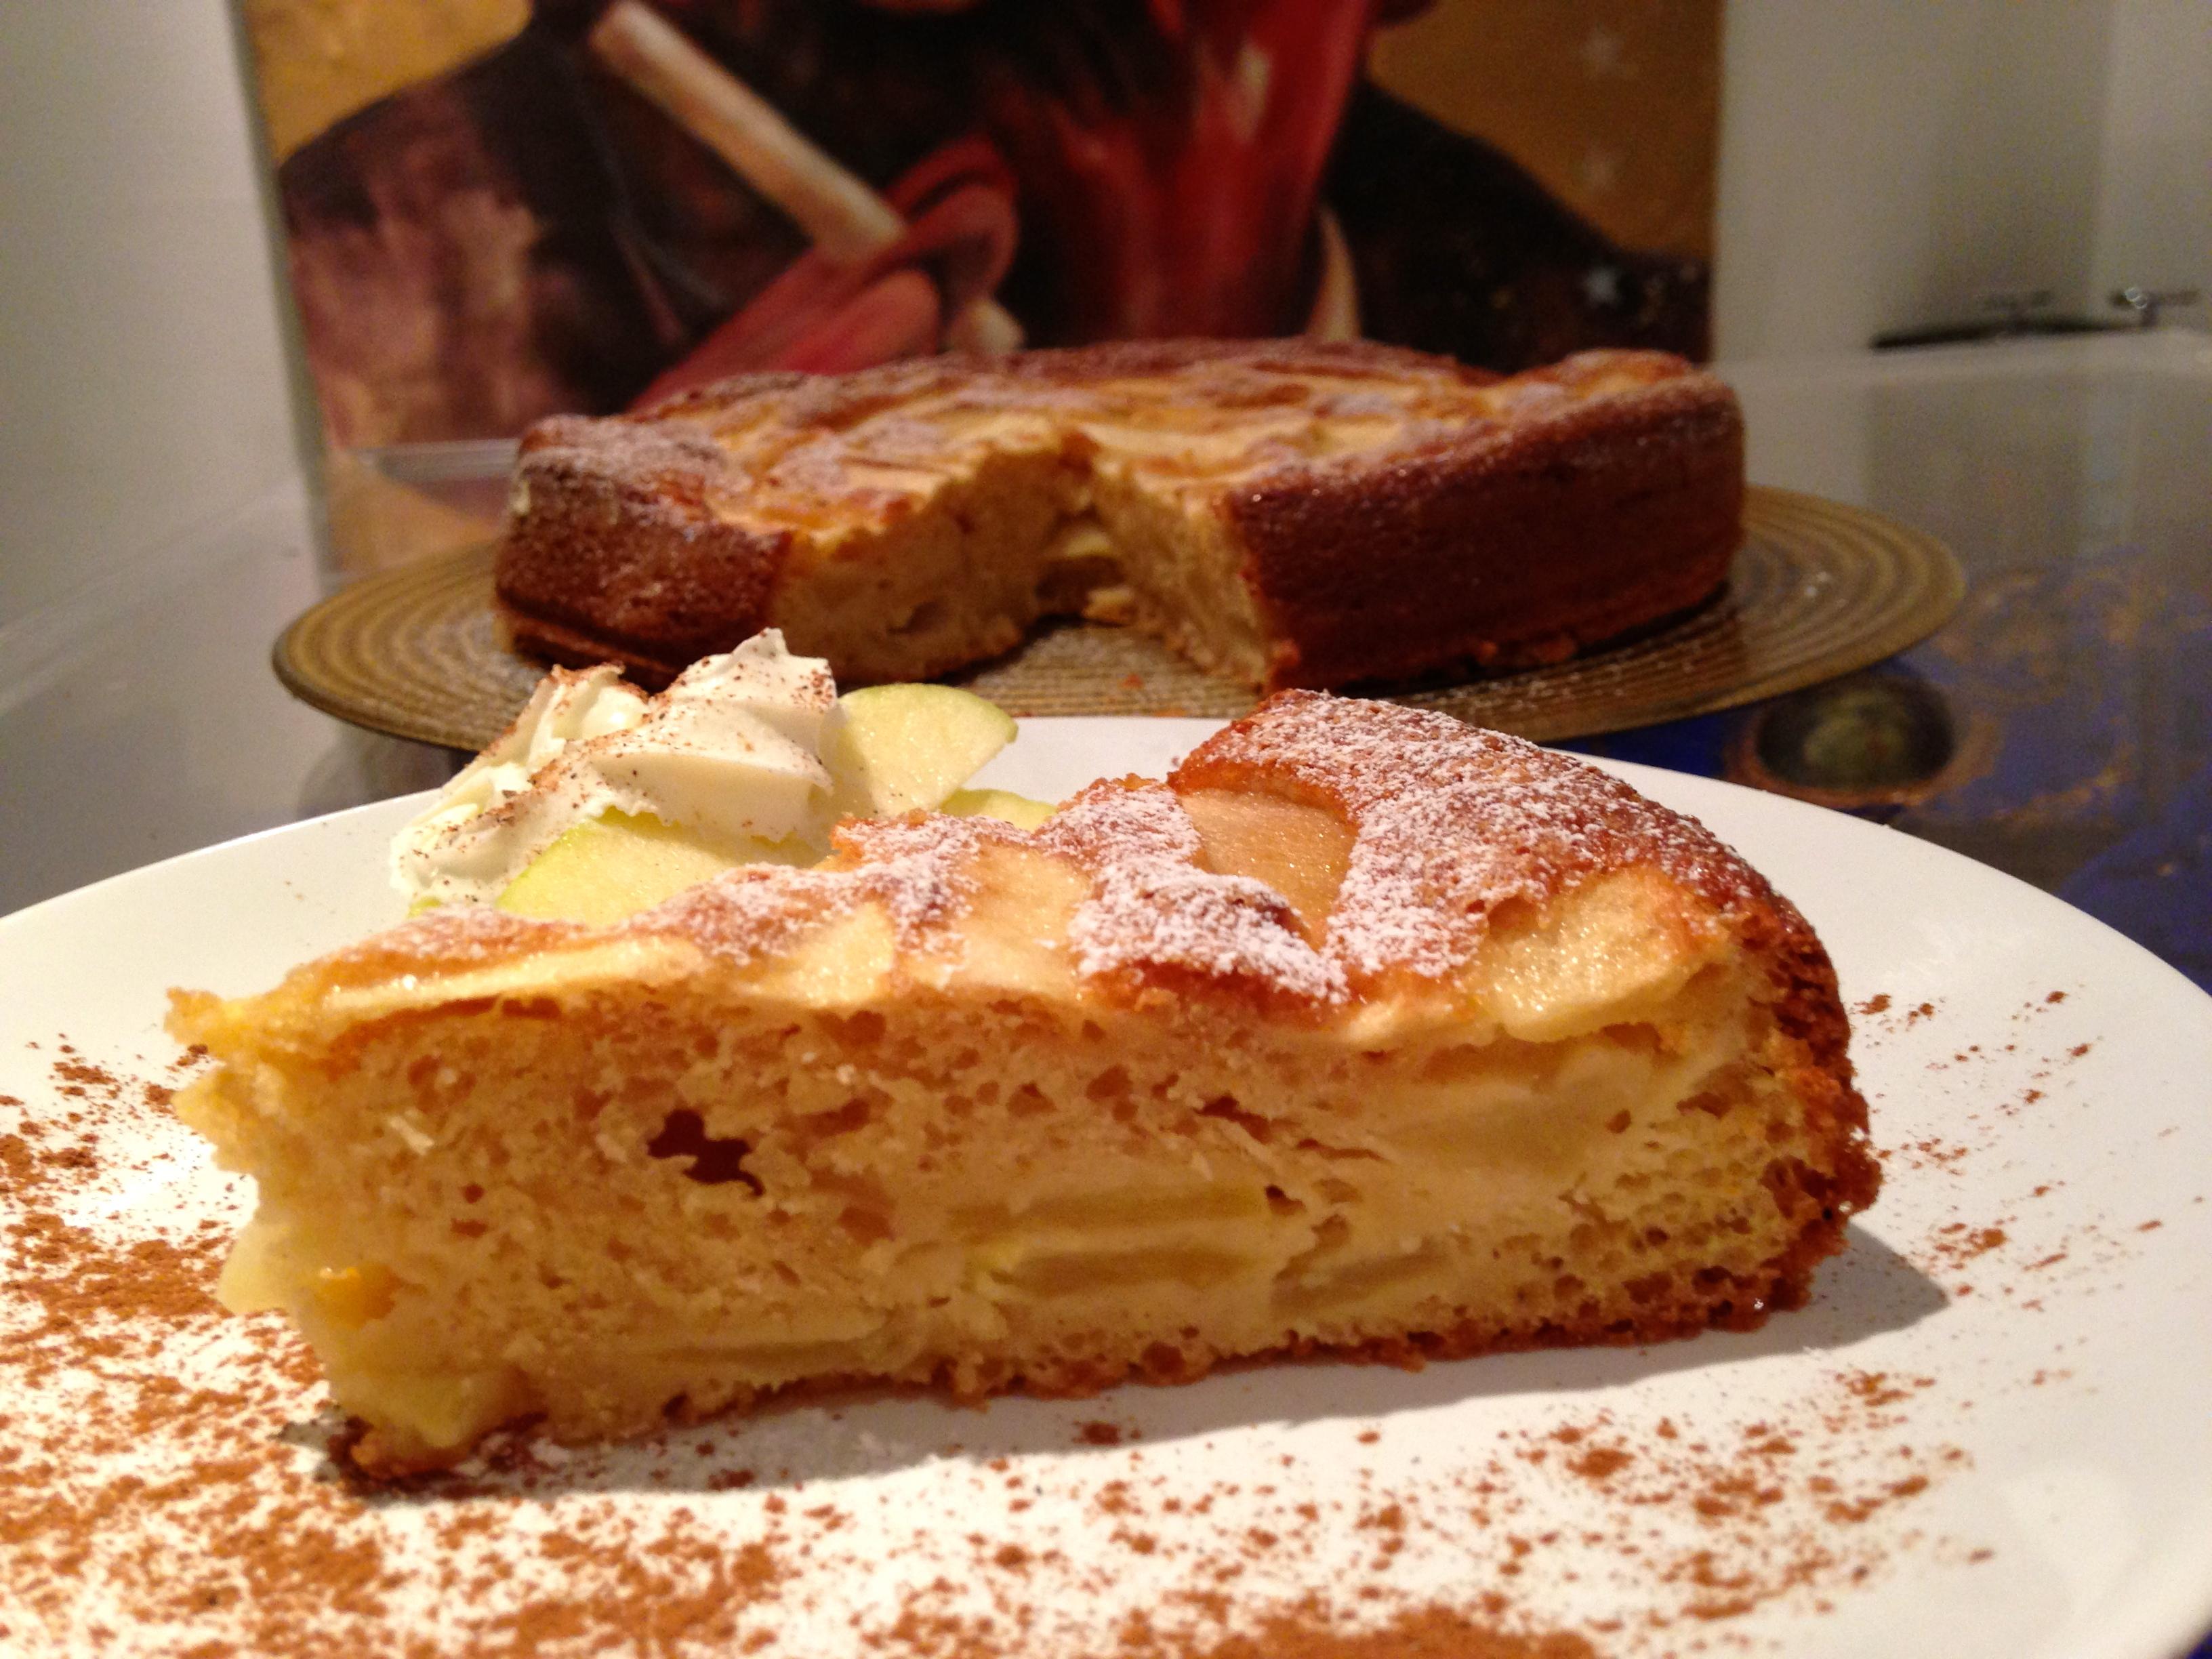 torta senza burro alle mele, il dolce senza lattosio di dolci senza burro